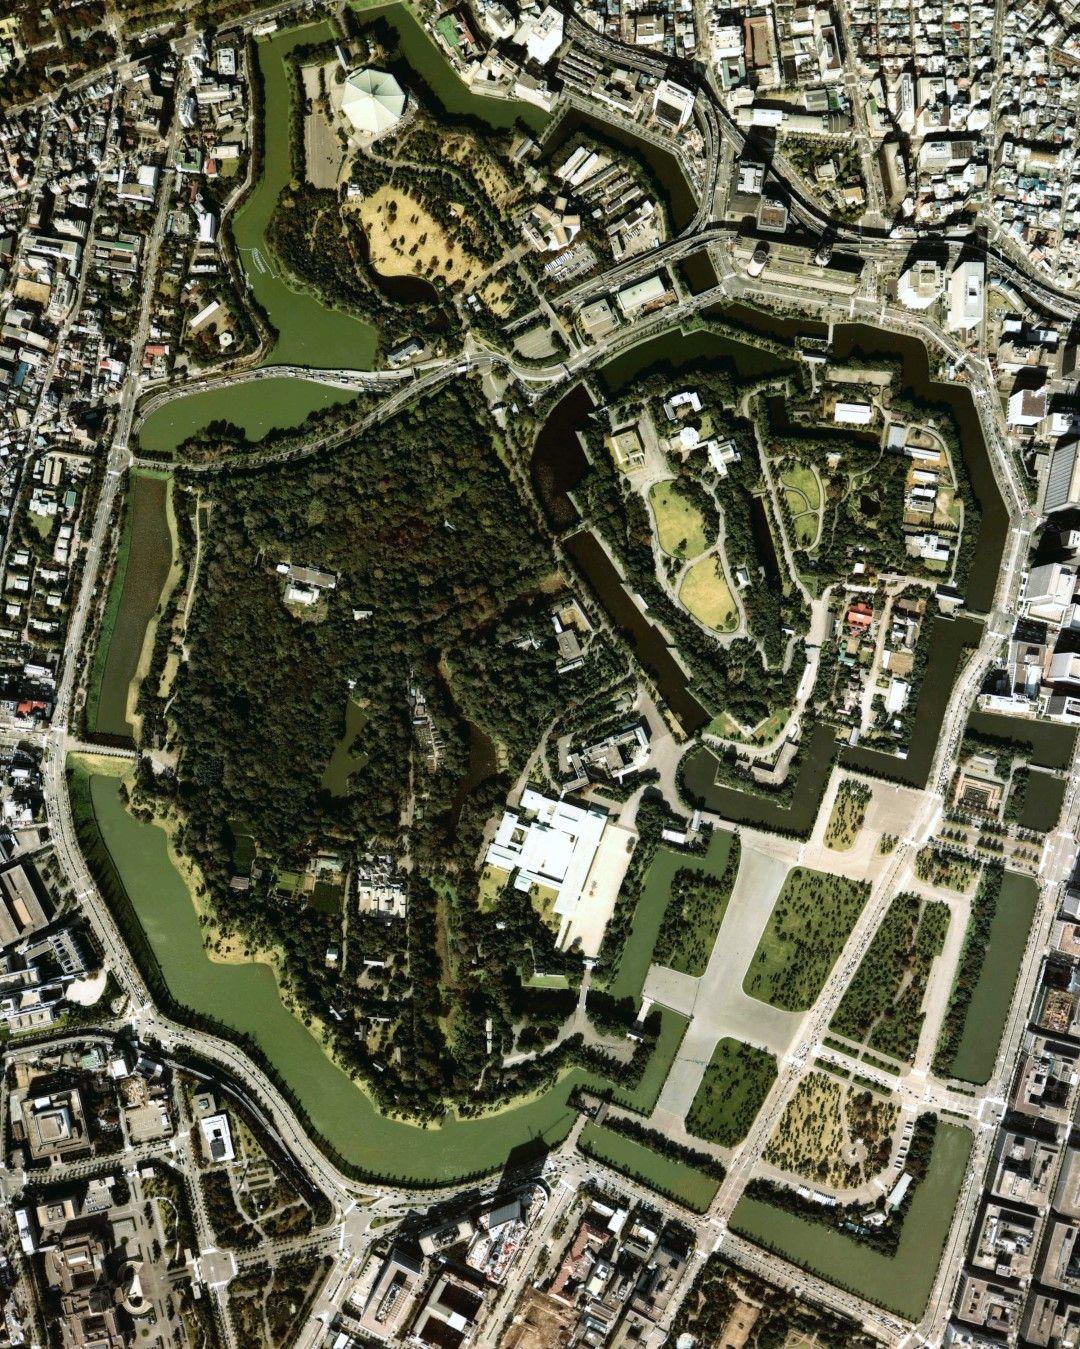 Императорският дворец с градините му - символично място и арена на част от дисциплините.